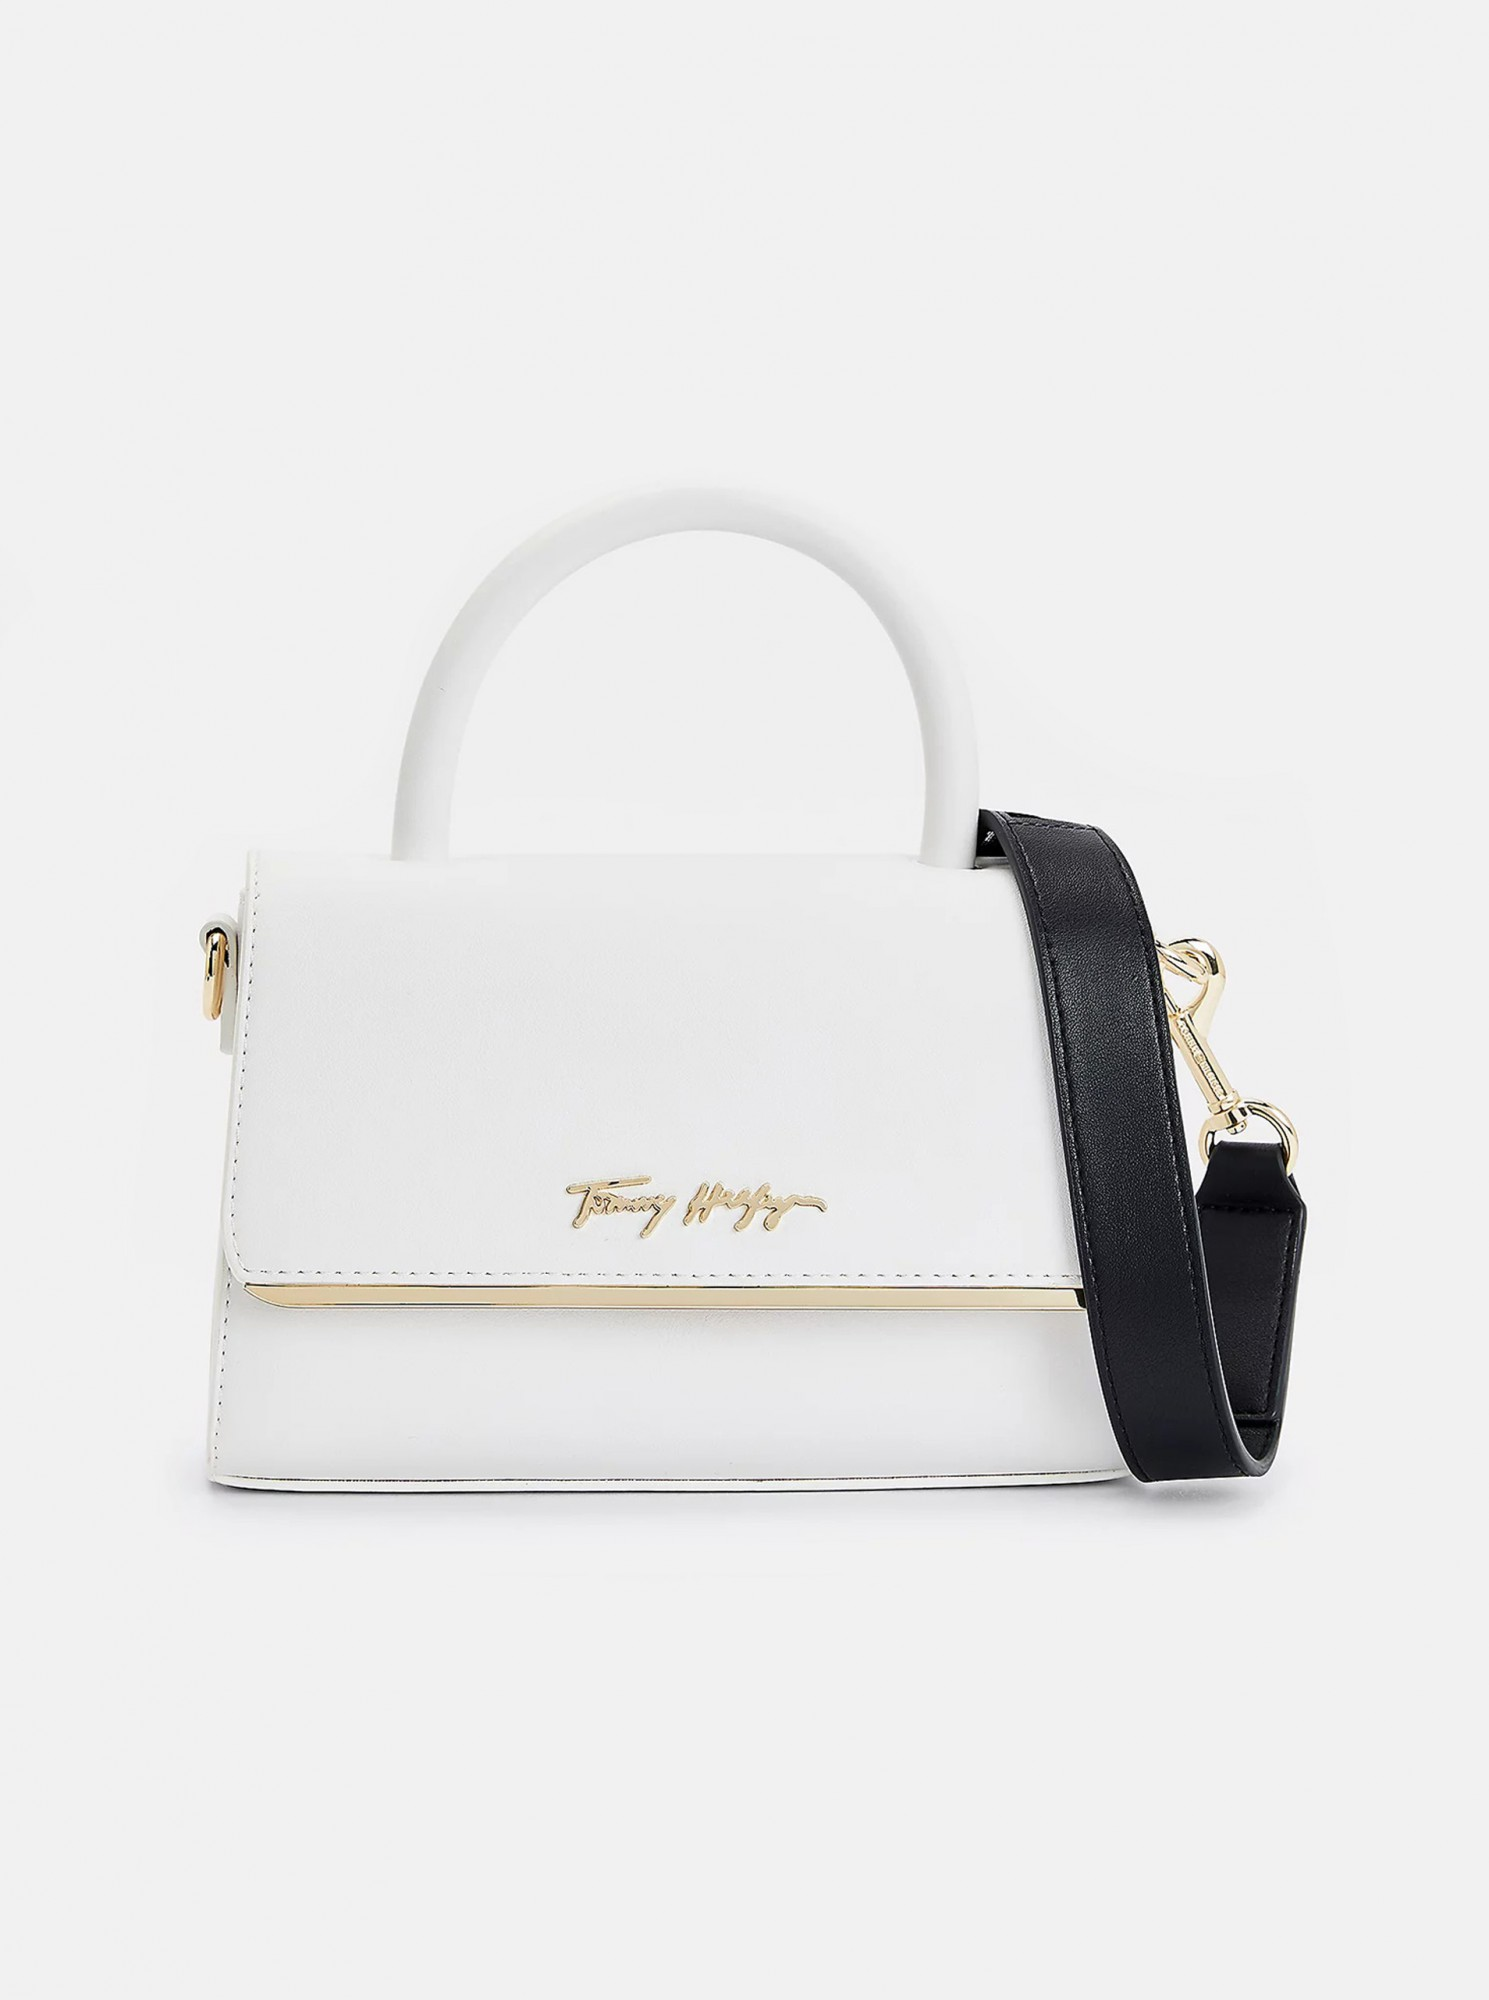 Tommy Hilfiger biały crossbody mała torebka